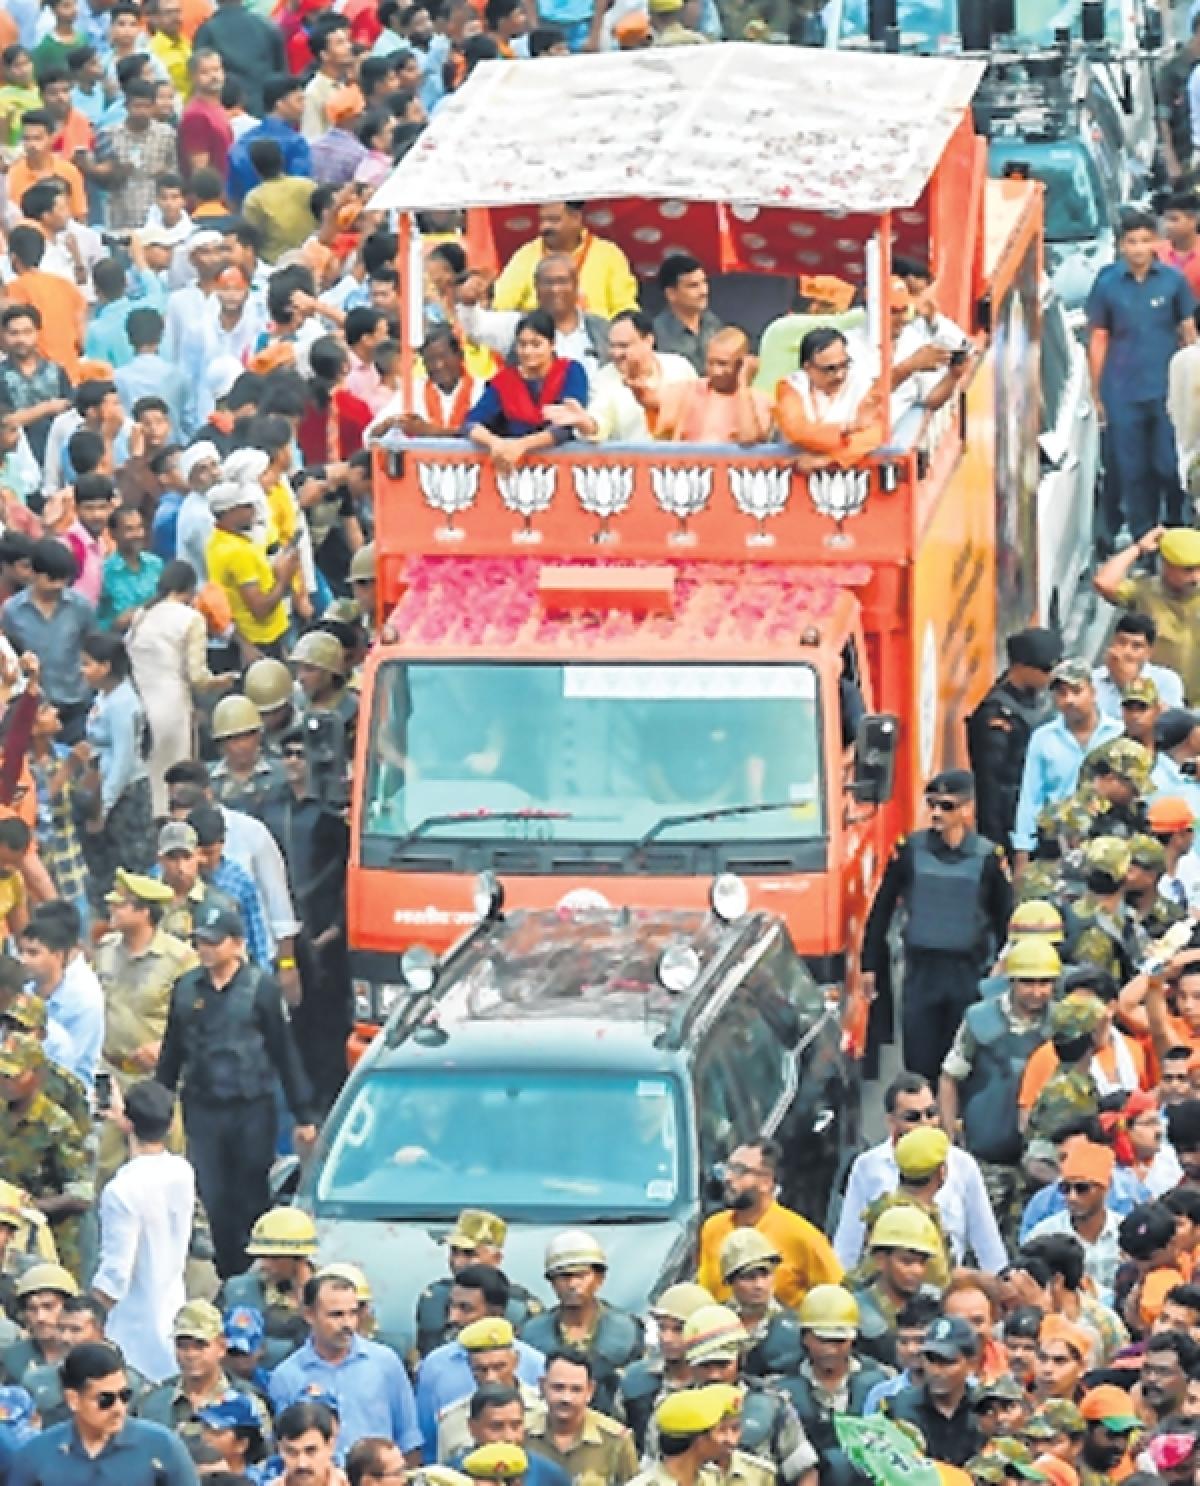 Sea of saffron supporters greets PM Narendra Modi during mega roadshow in Varanasi